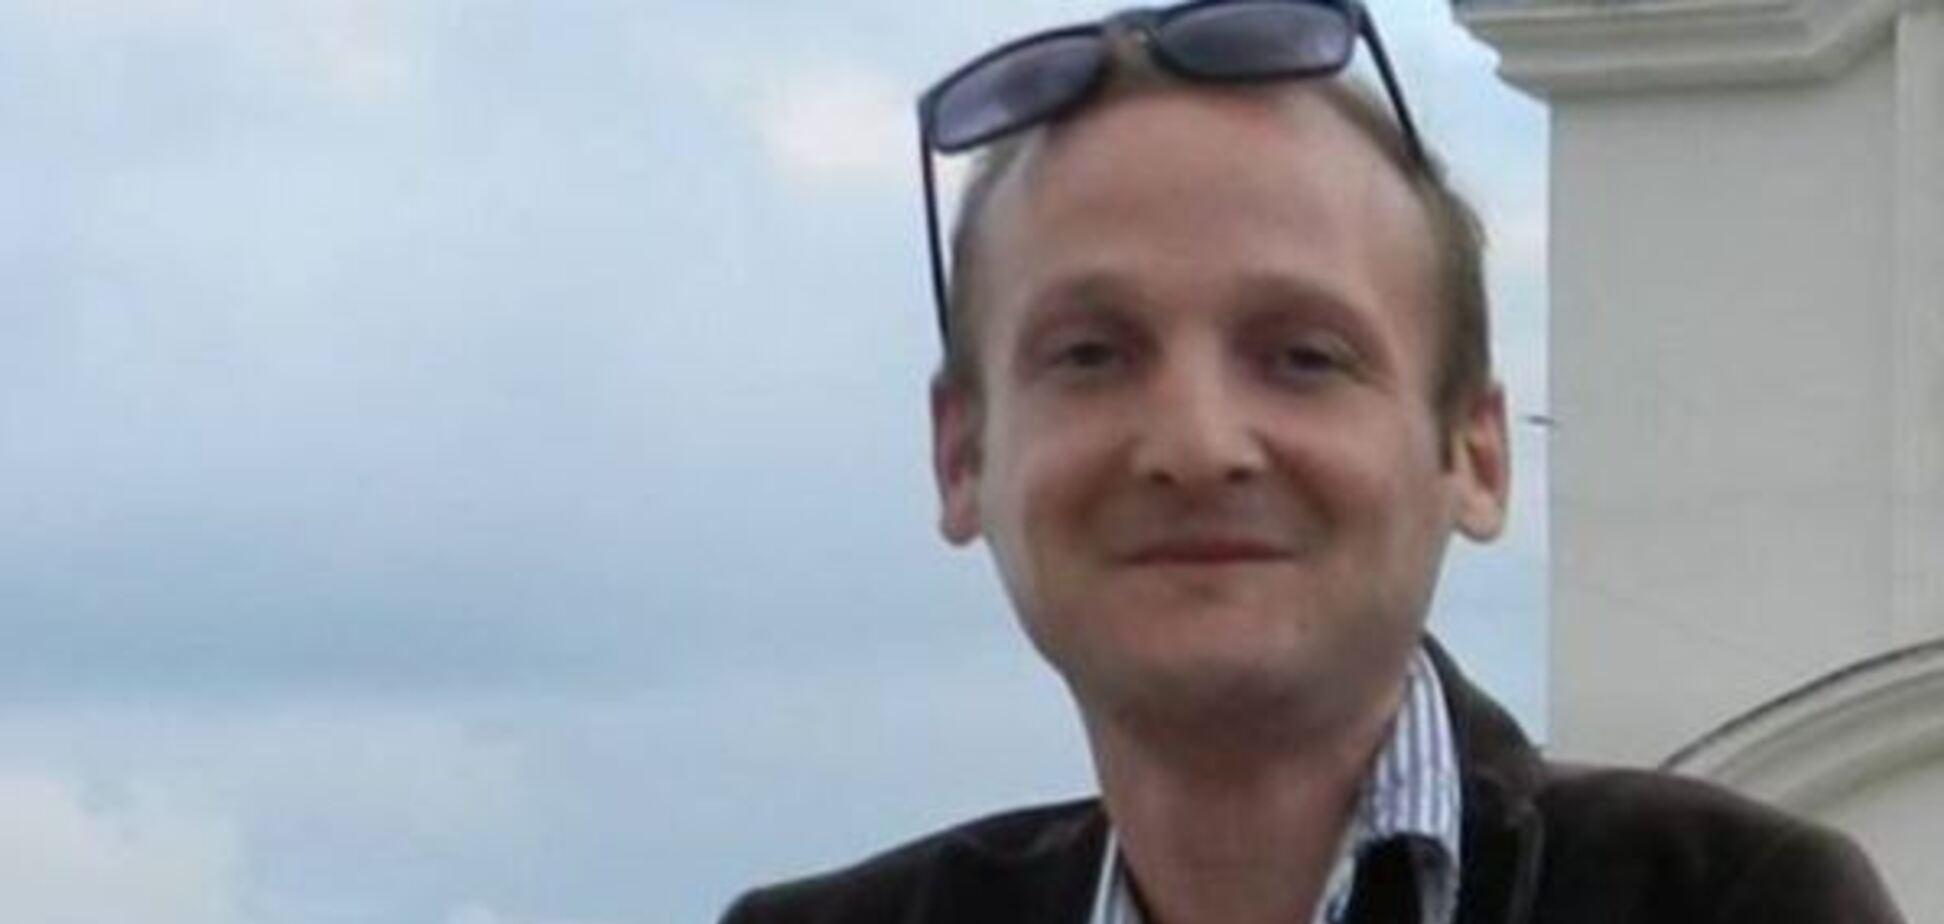 Задержанный оккупантами в Крыму украинский журналист вышел на свободу: первые фото